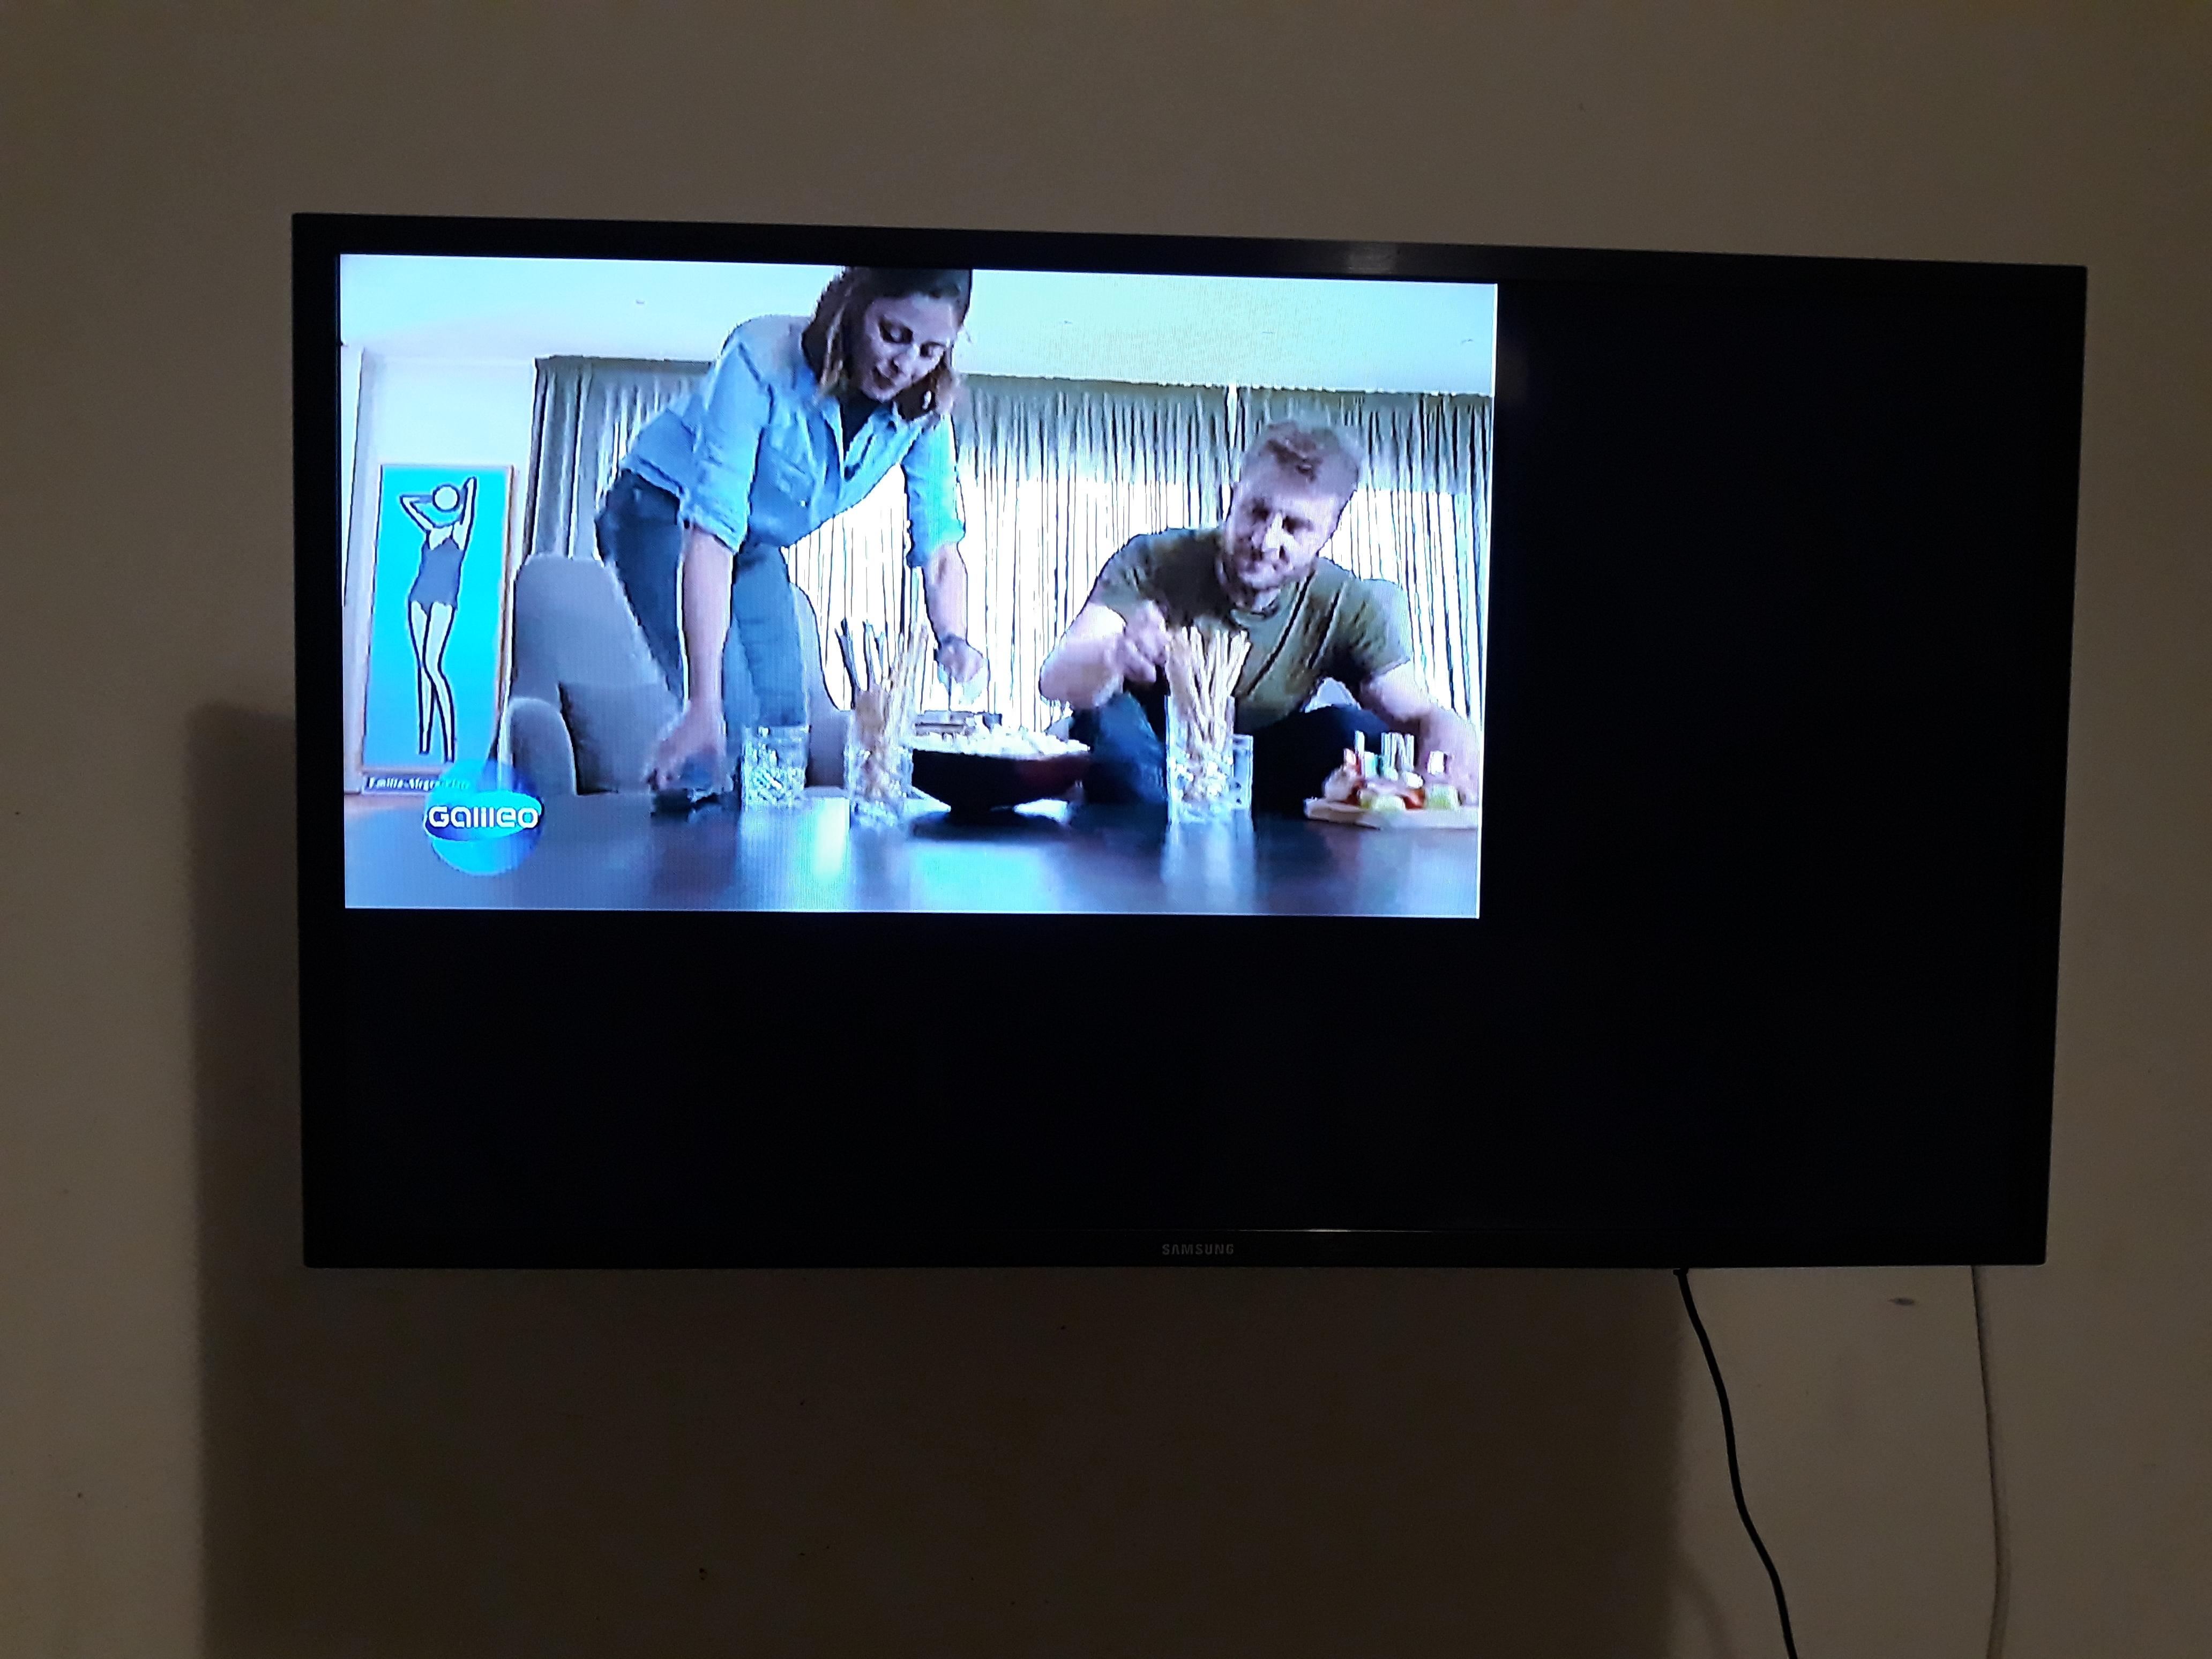 Tv Now Funktioniert Nicht Auf Smart Tv